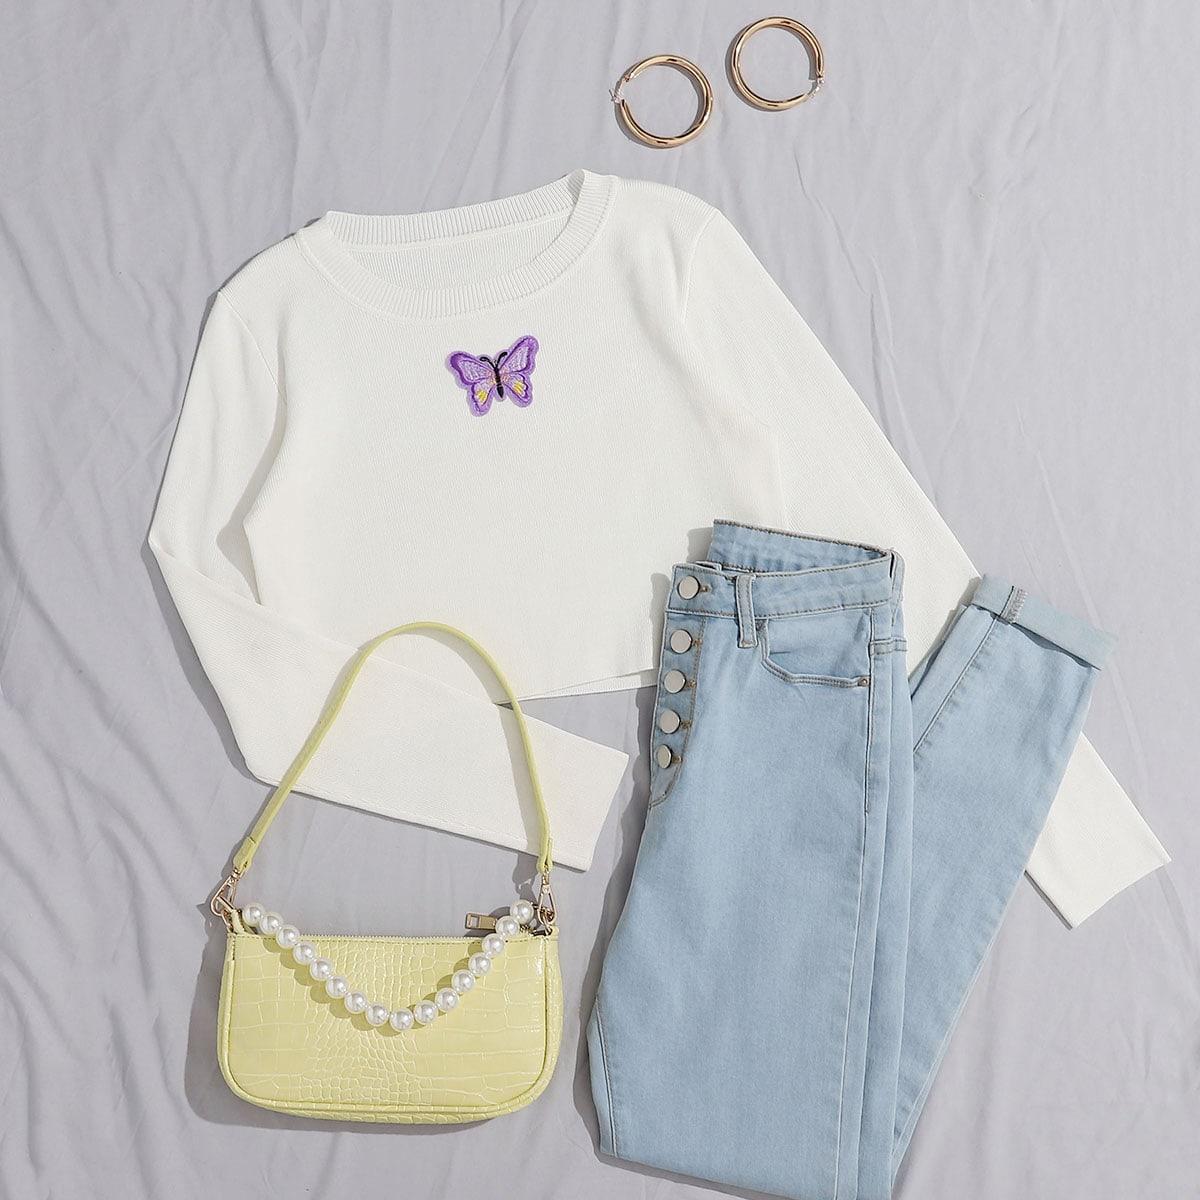 Вязаный свитер в рубчик с заплатой бабочки фото